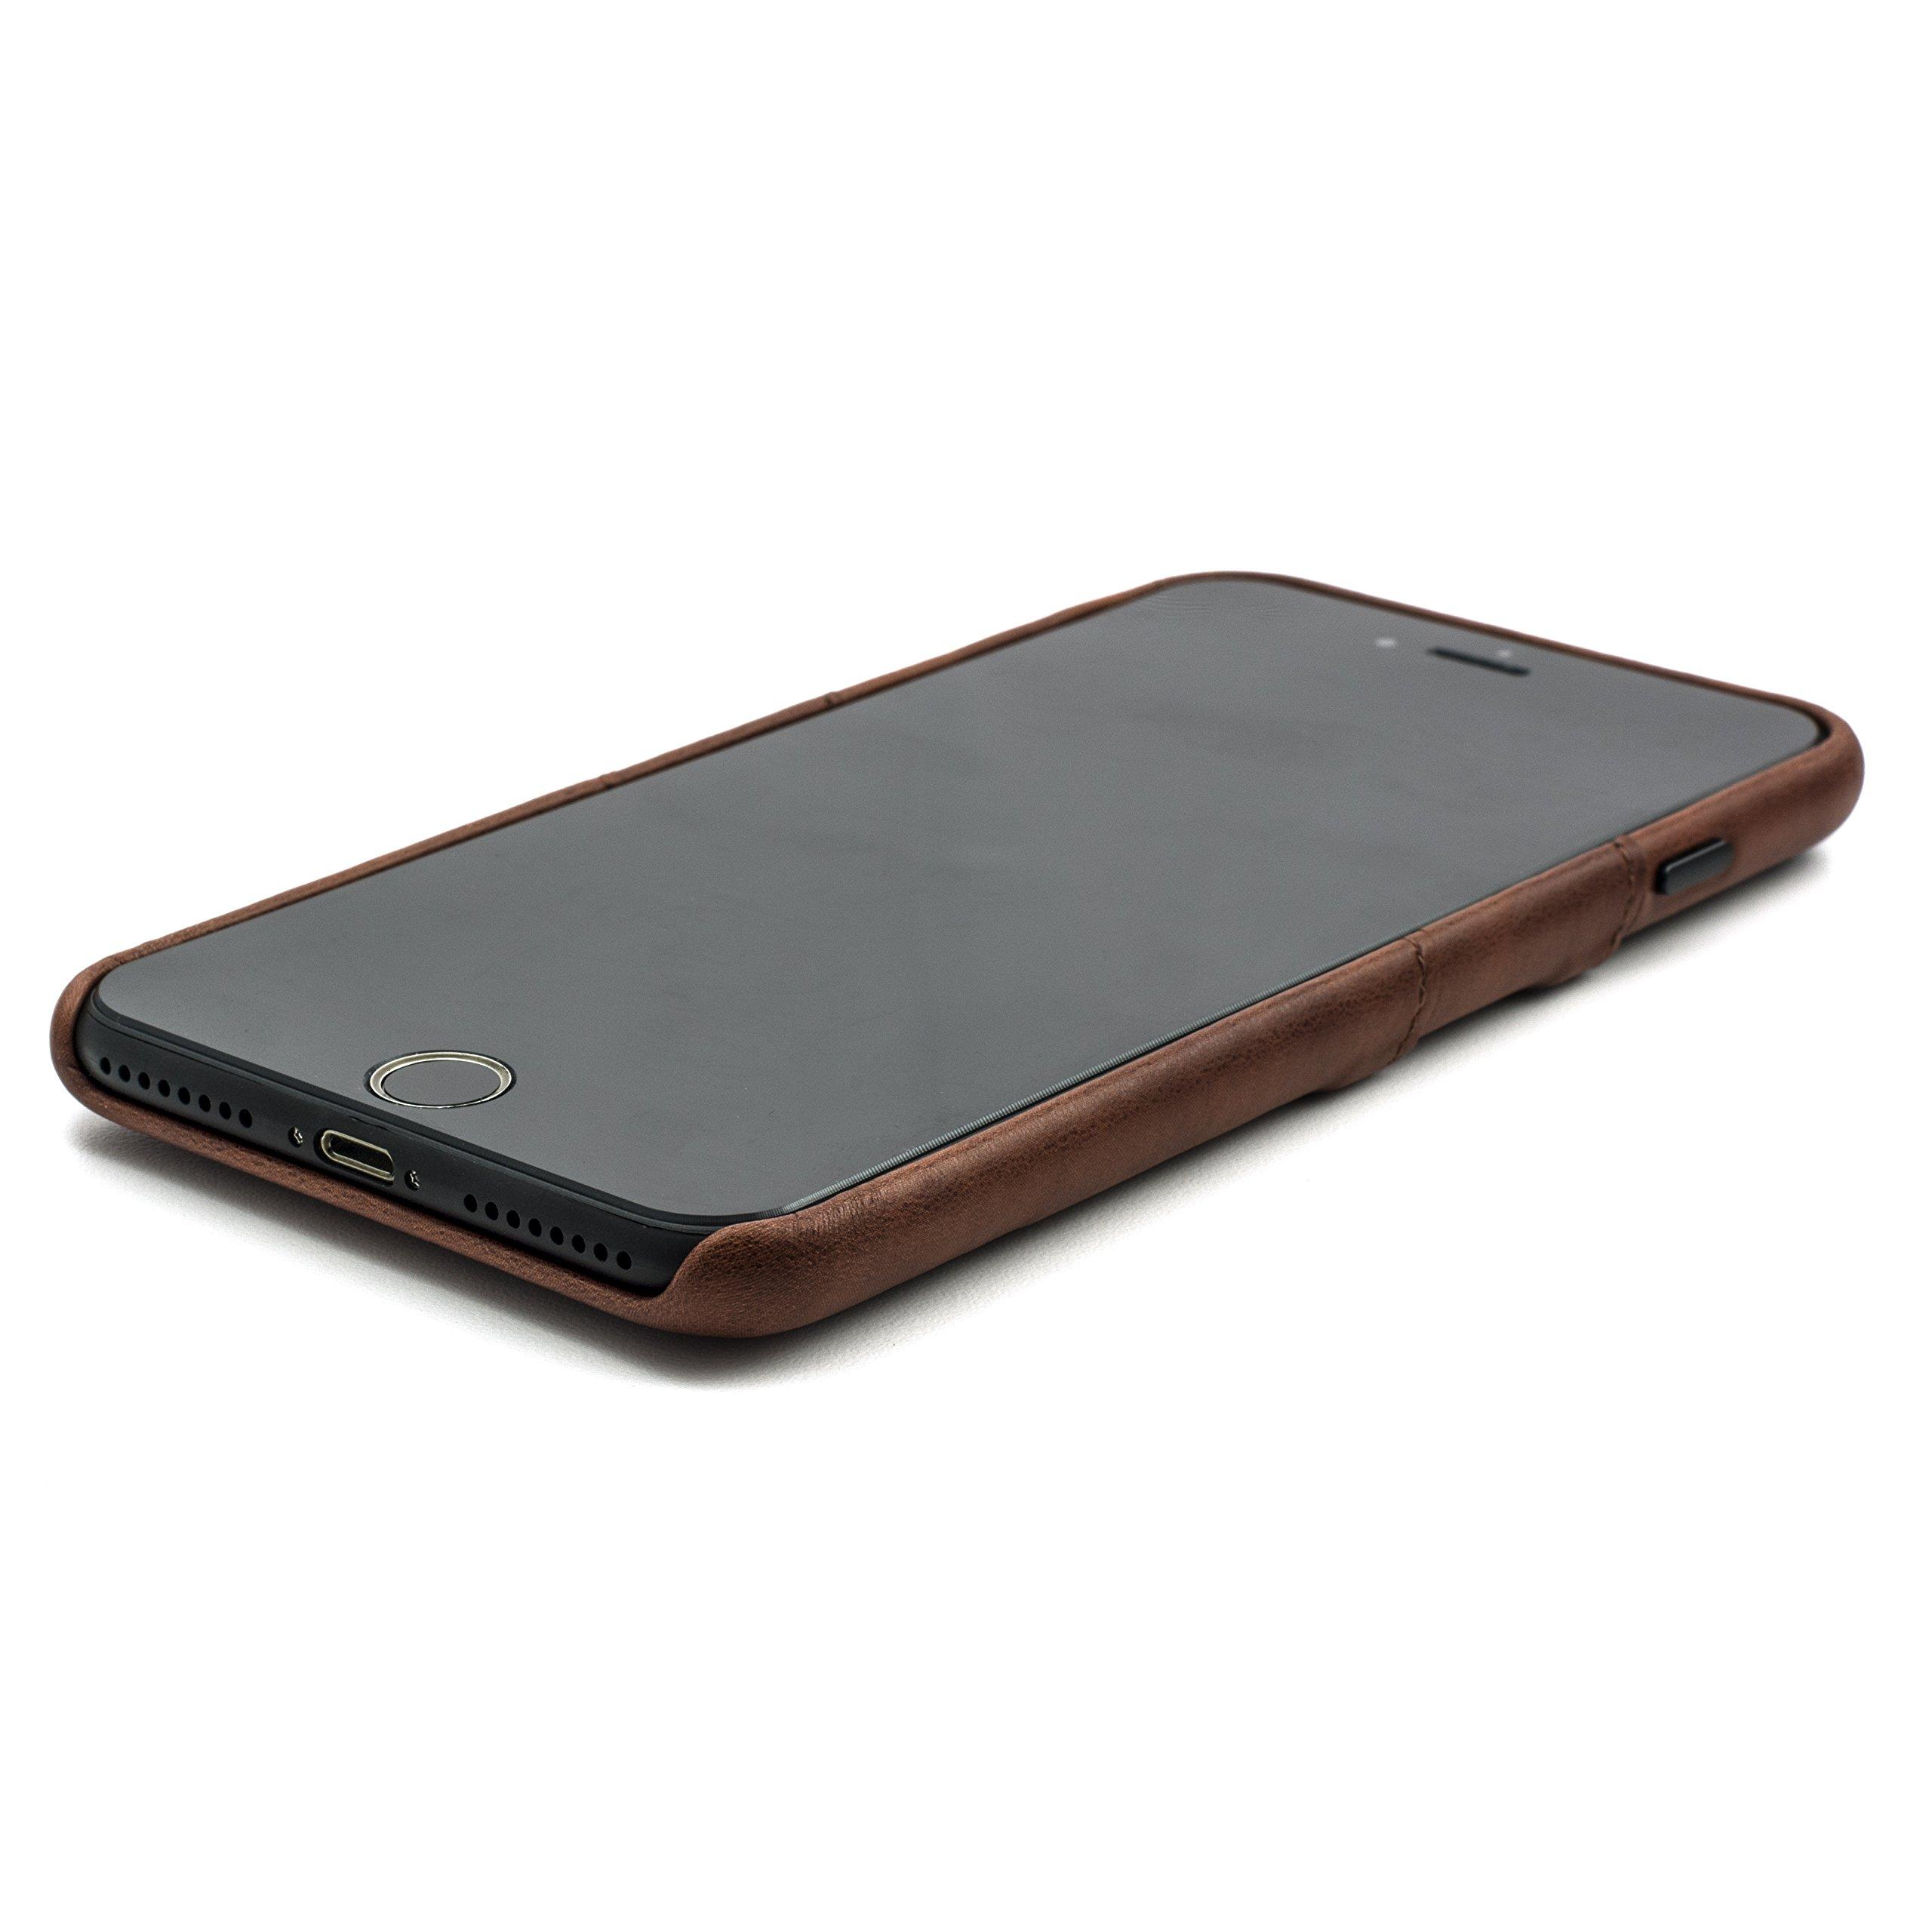 64b341c6e05e9 ... Dockem Exec Wallet Case for iPhone 8 Plus7 Plus - Slim Vintage  Synthetic Leather Card Case ...